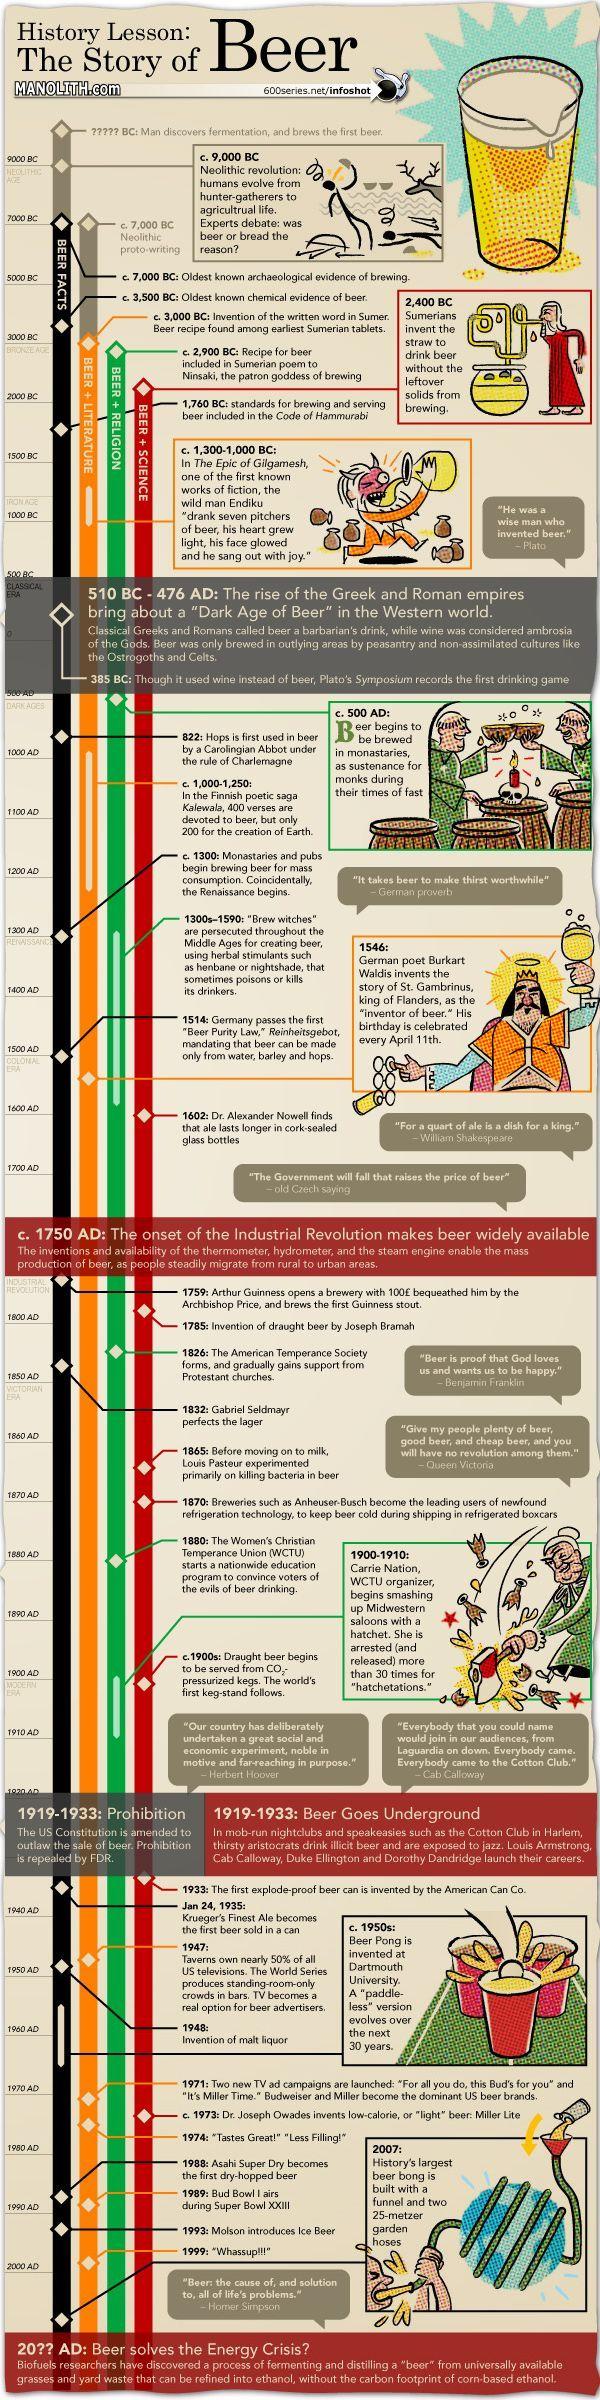 History of Beer (via manolith) #beer #beerbaconmusic